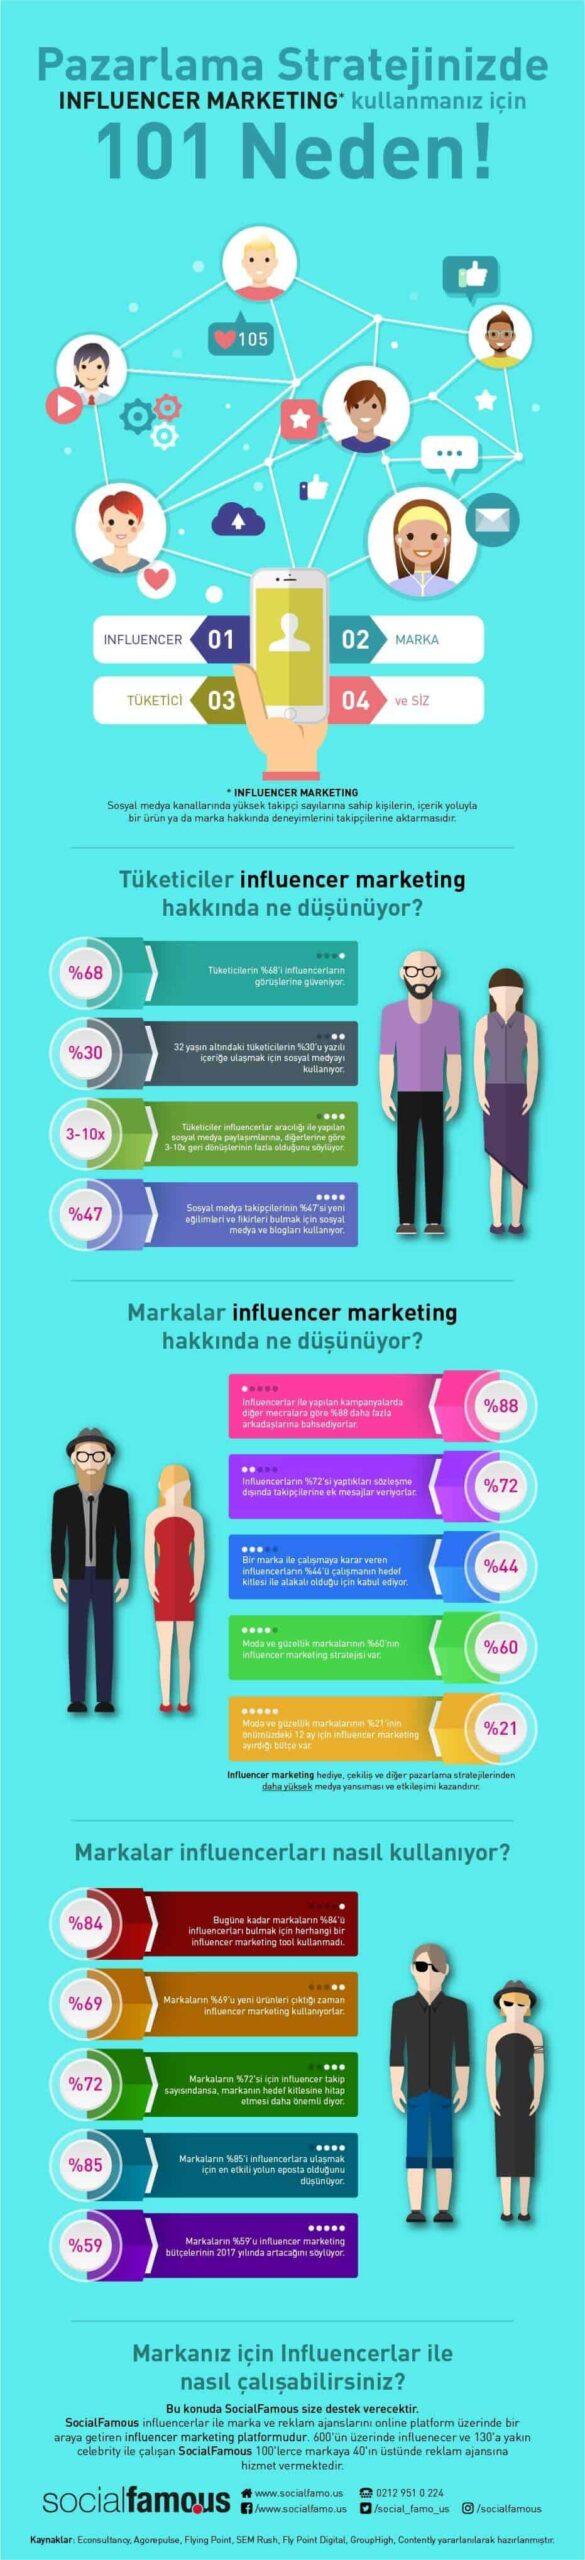 influencer marketing nedir? 101 neden!